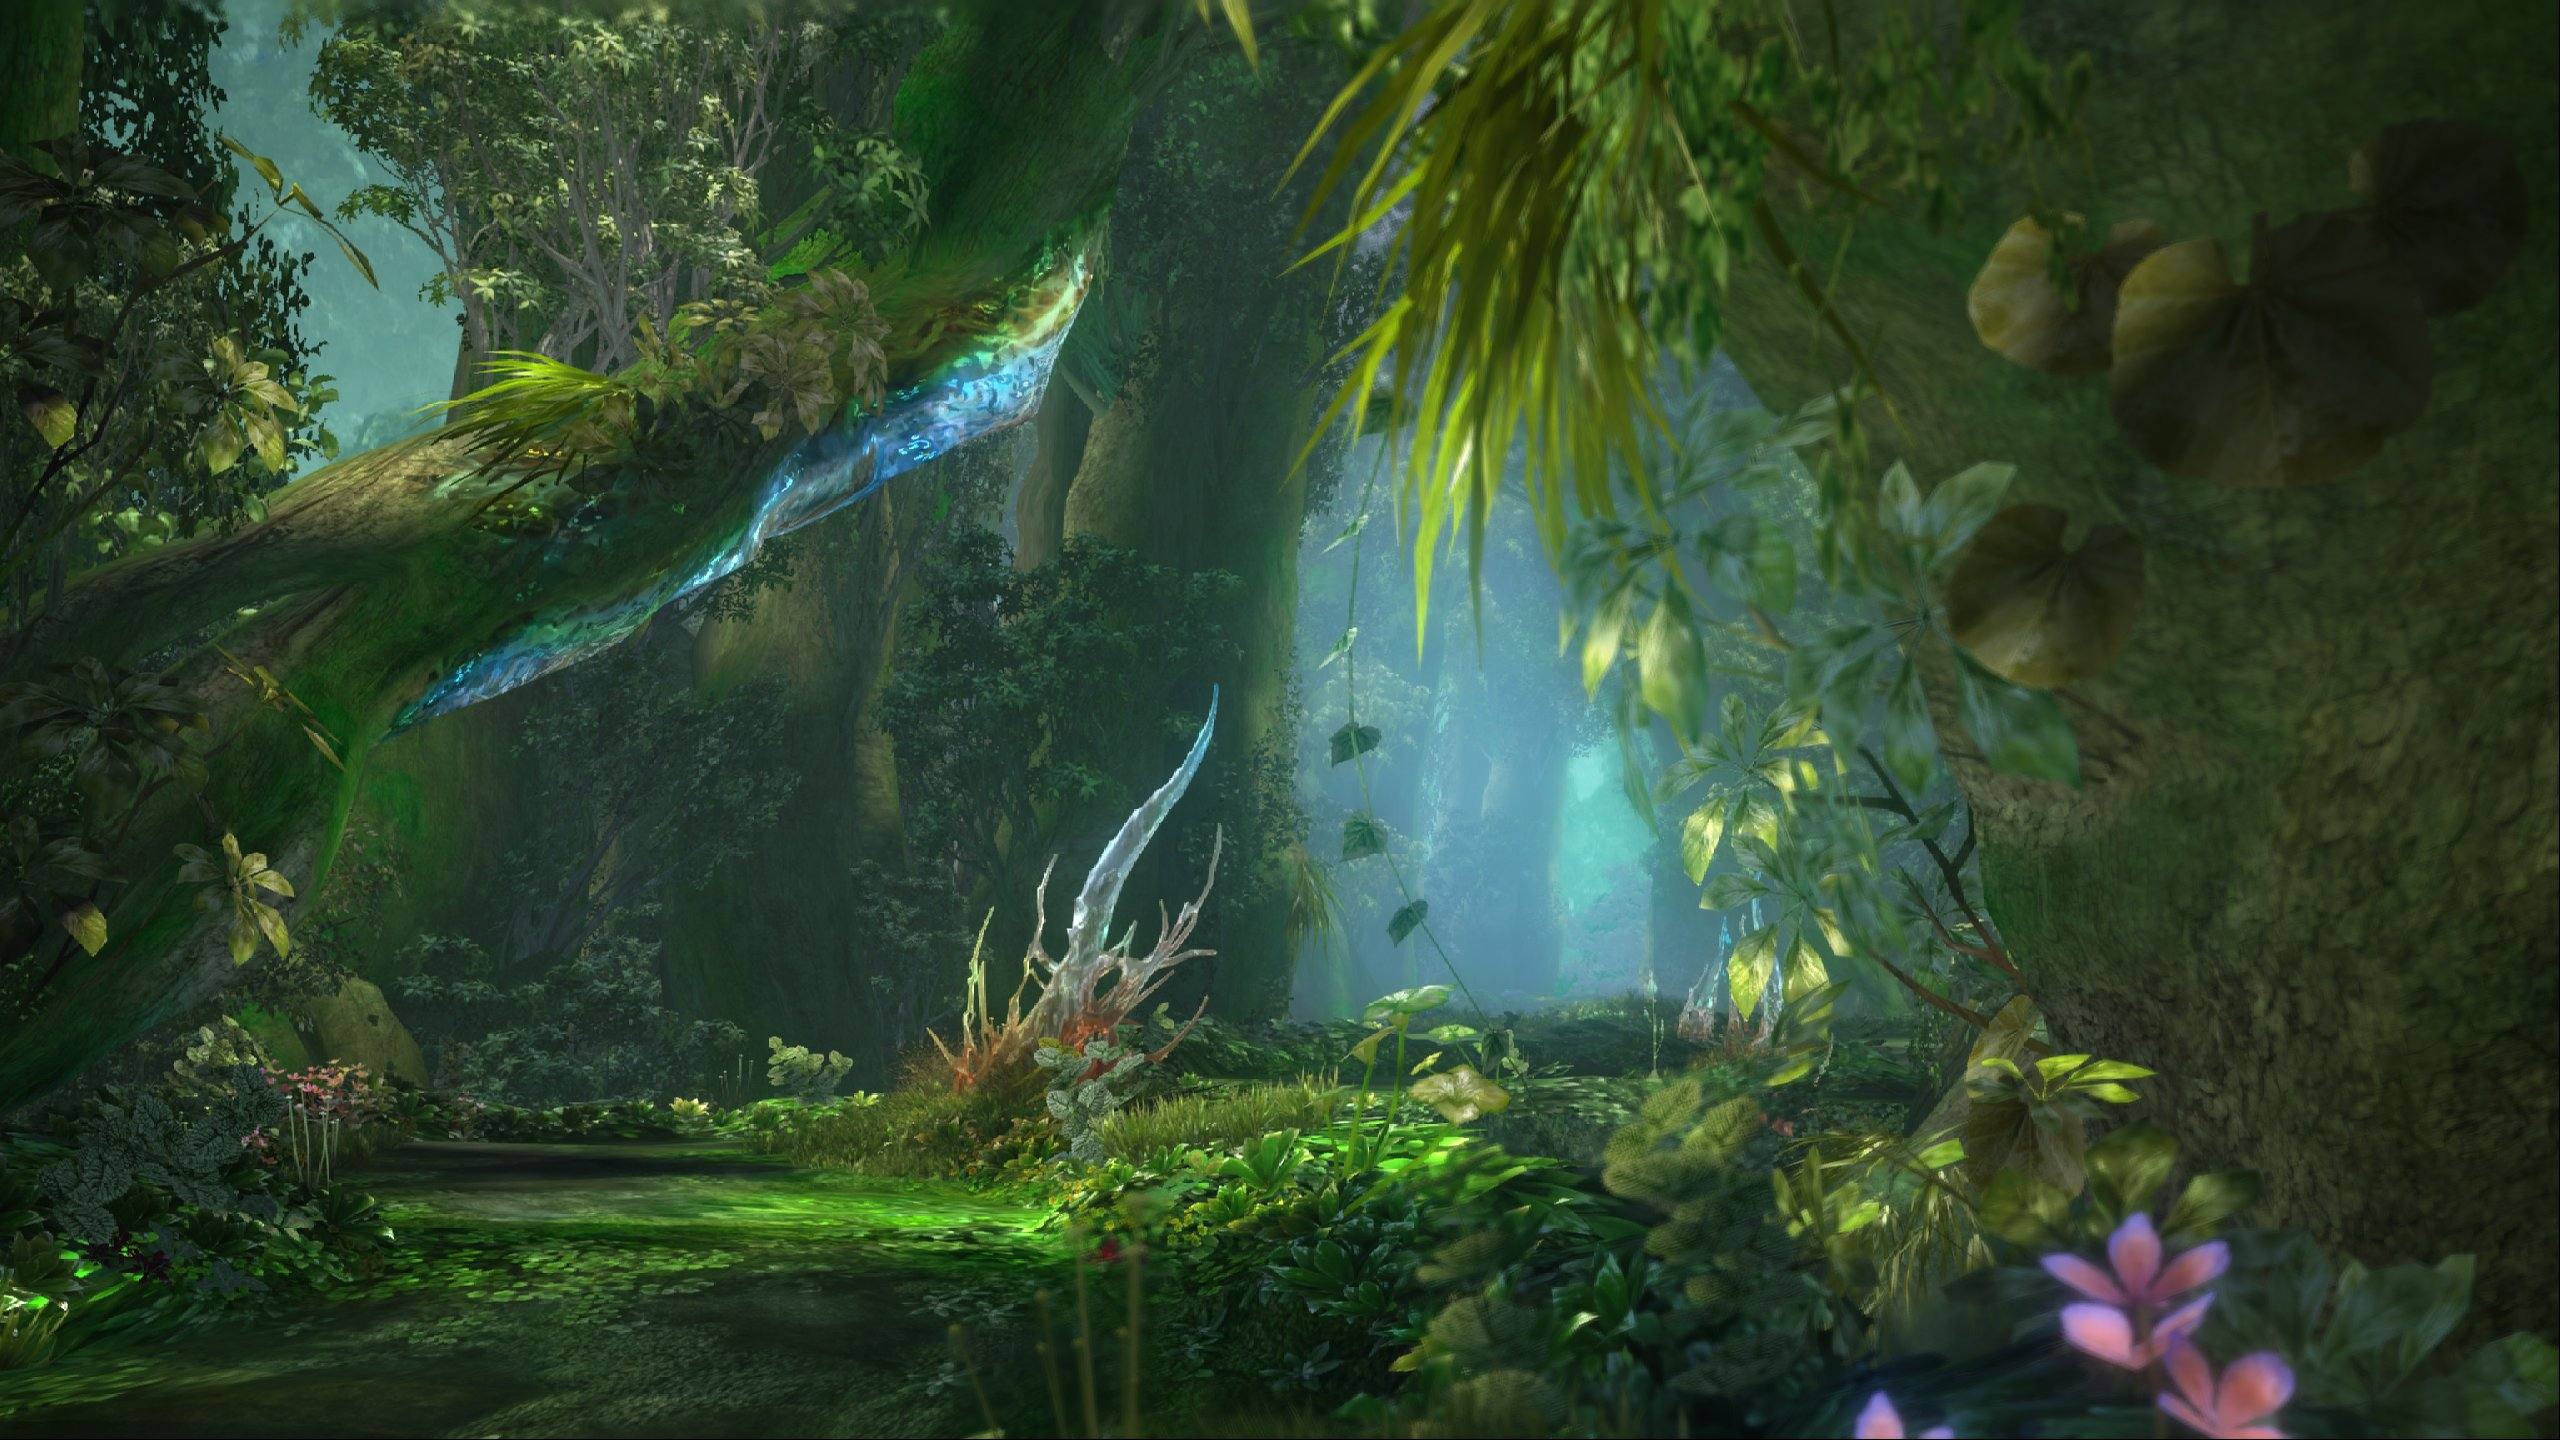 A sunlit green forest